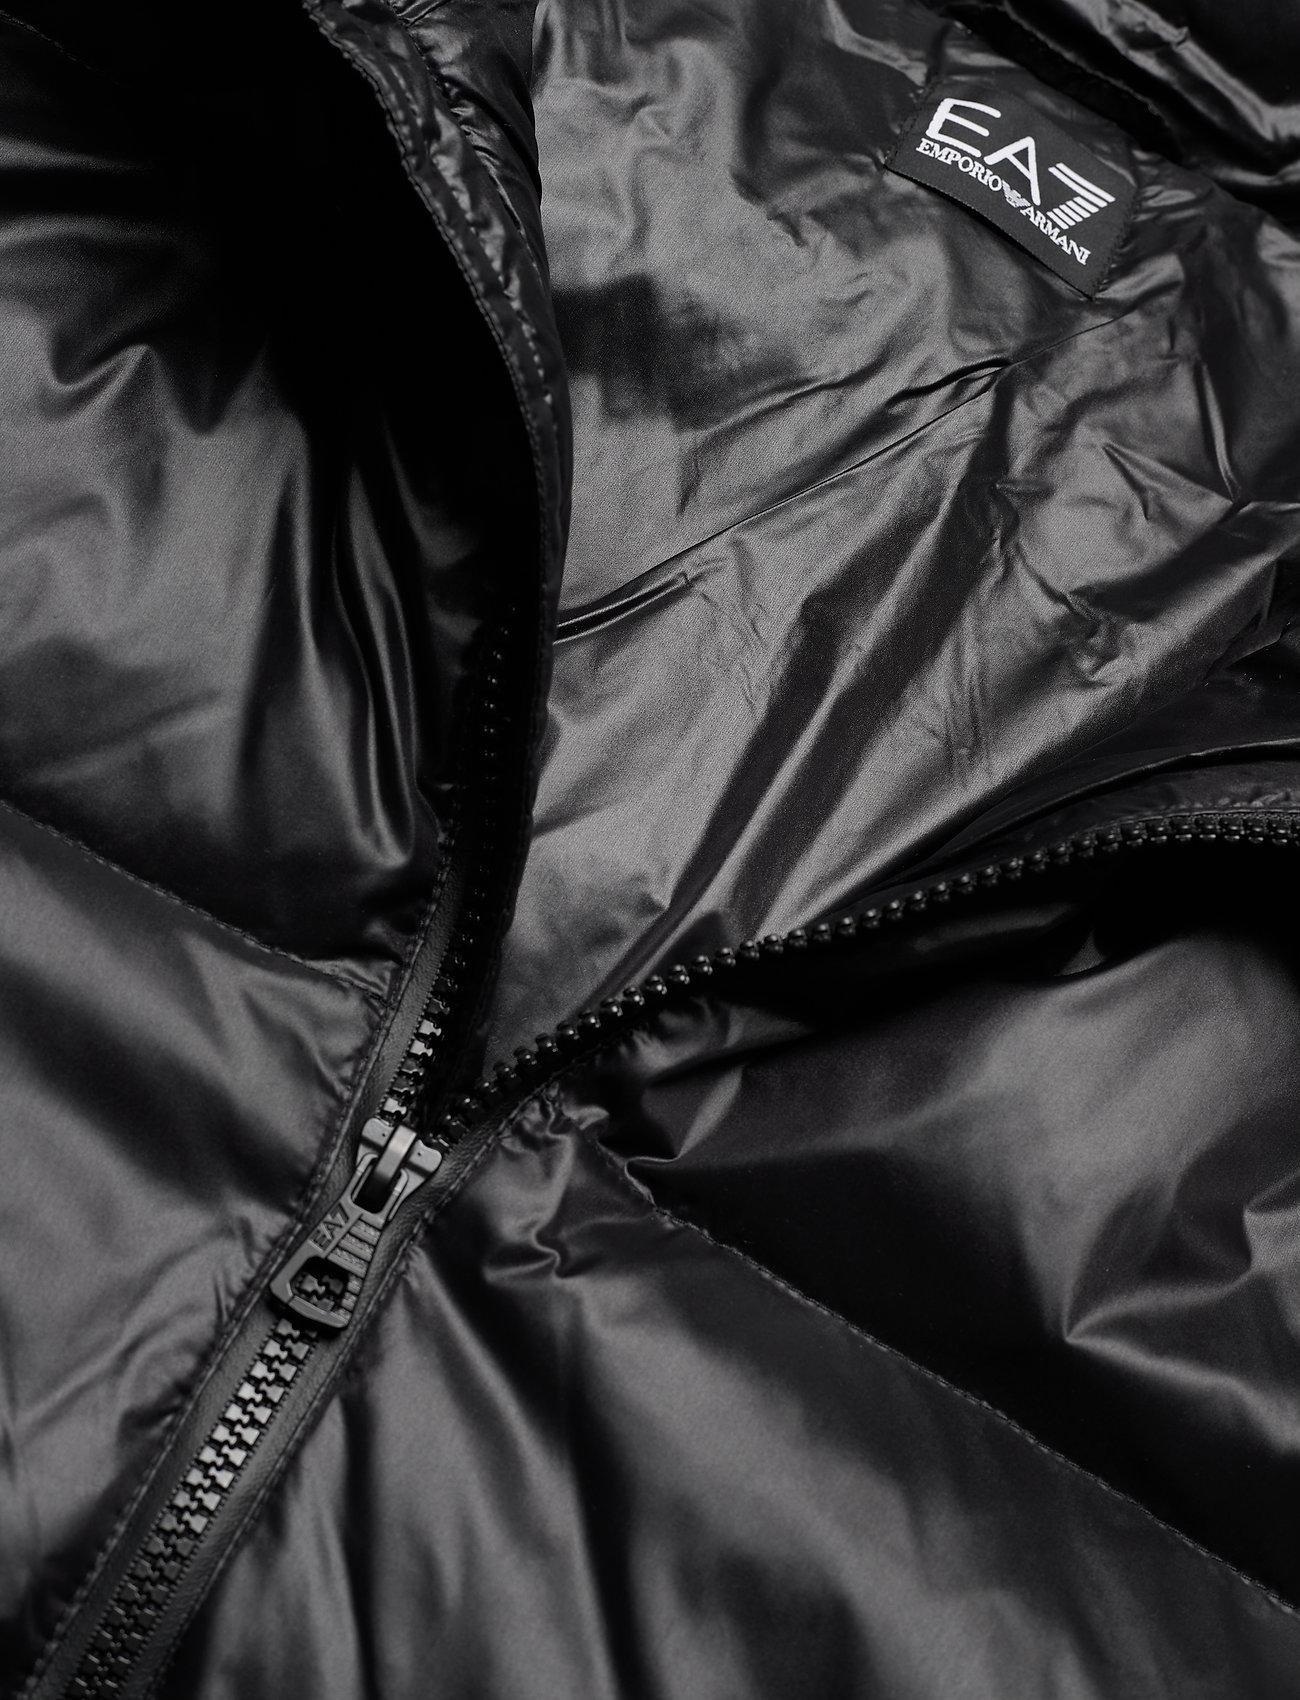 EA7 OUTERWEAR - Jakker og frakker BLACK - Menn Klær